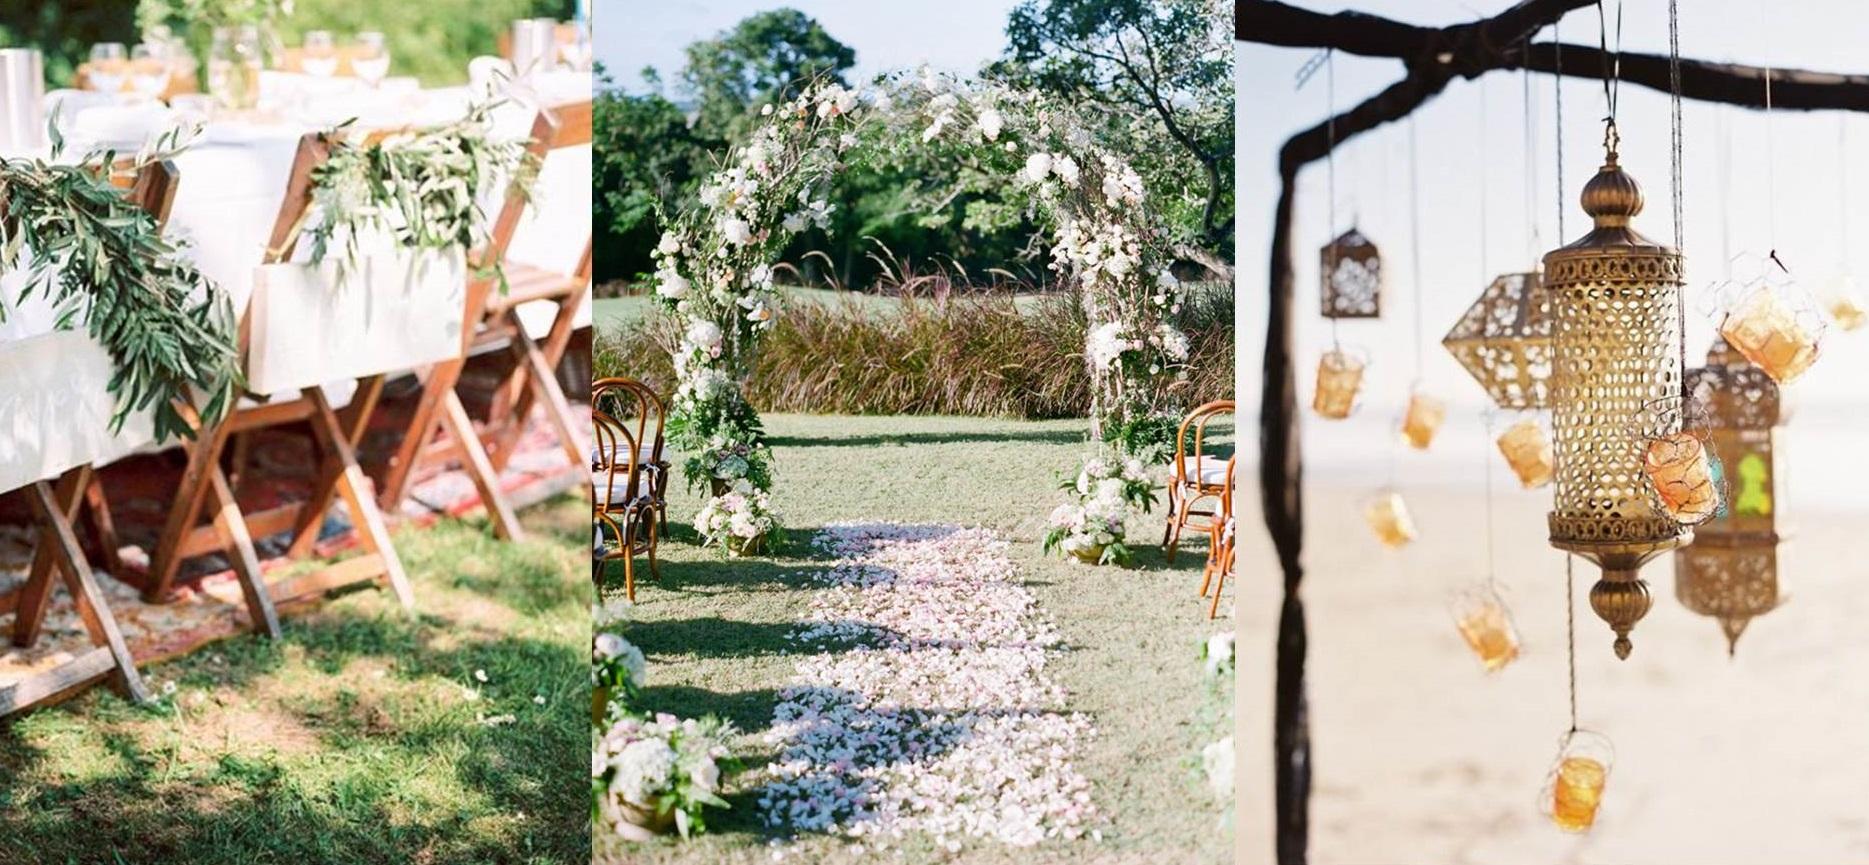 Allestimento Matrimonio Bohemien : Matrimonio boho chic idee per l allestimento e